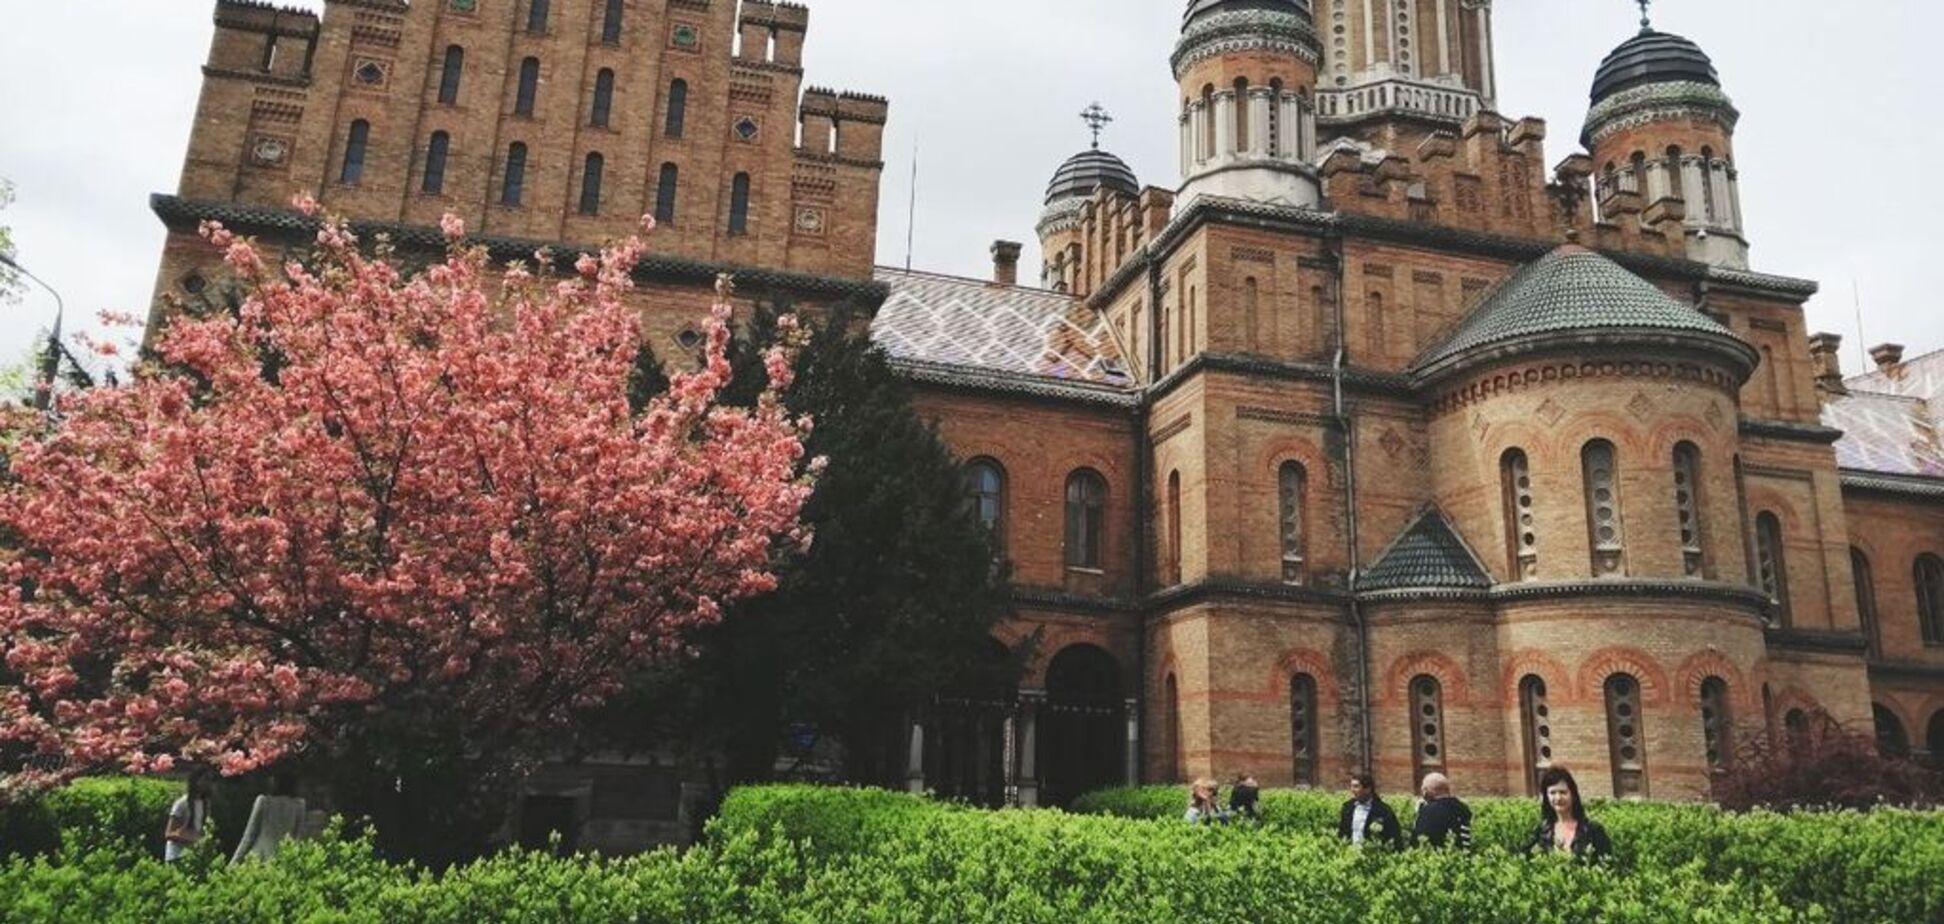 Цветущие сакуры и храмы: появились завораживающие фото весенних Черновцов